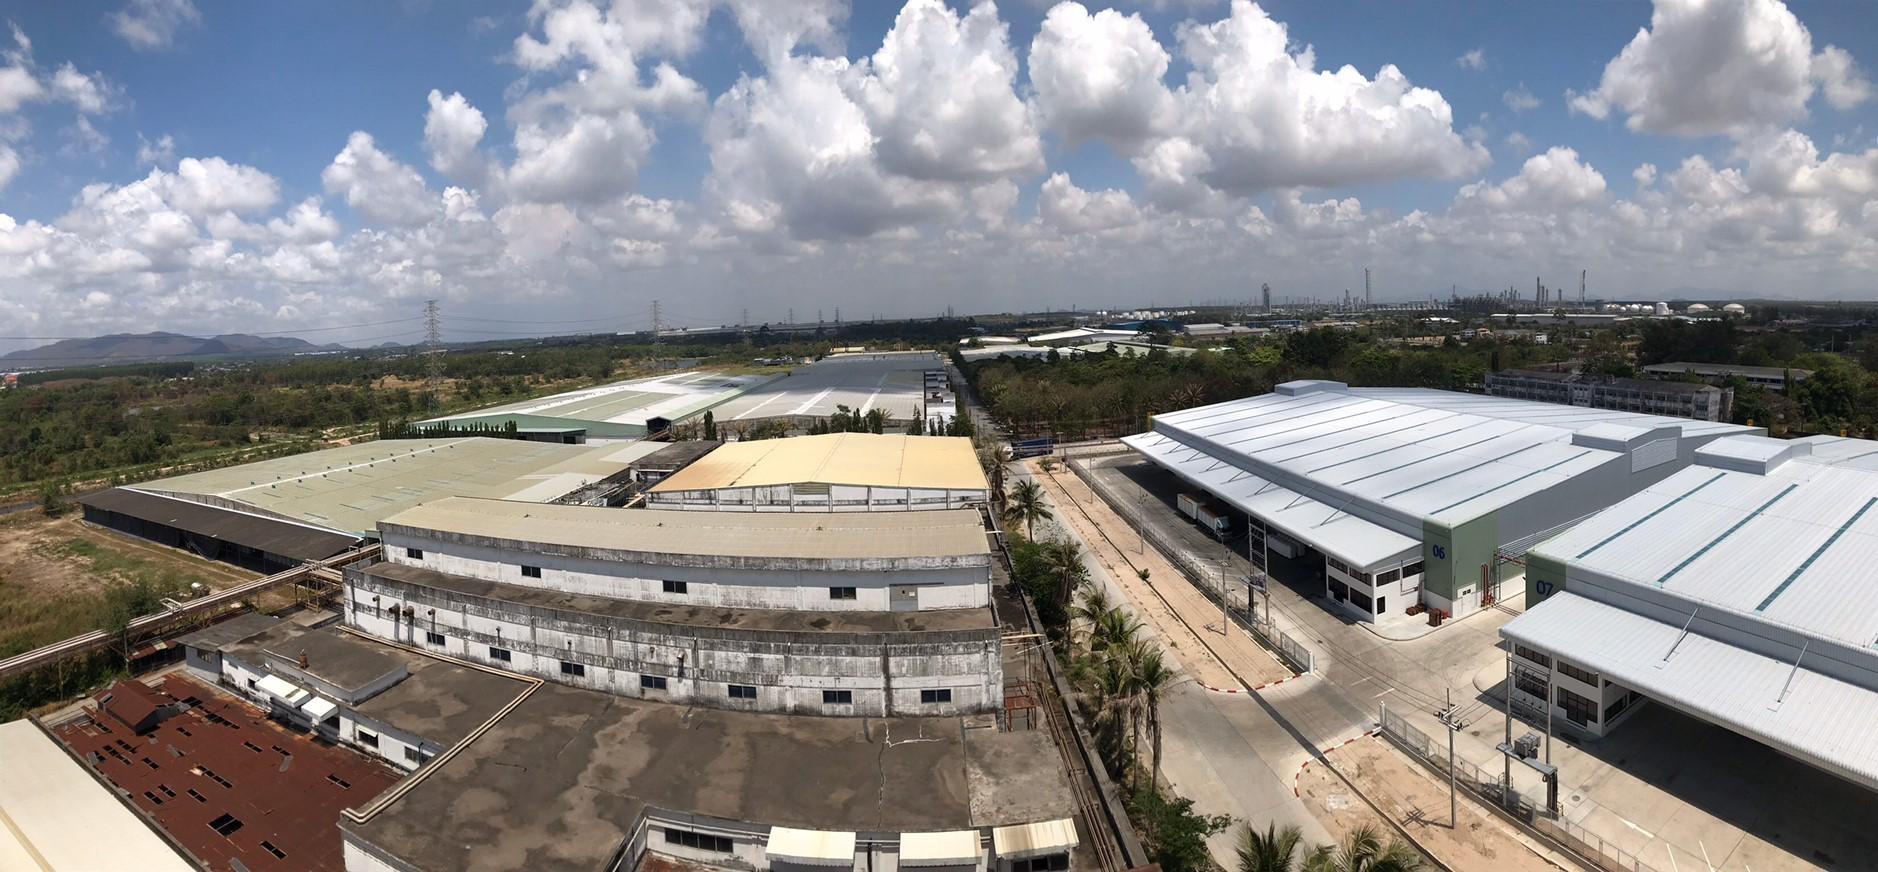 โรงงานและคลังสินค้าให้เช่า บนถนนทางหลวง สาย 3191 ตำบลห้วยโป่ง อำเภอมาบตาพุด จังหวัดระยอง